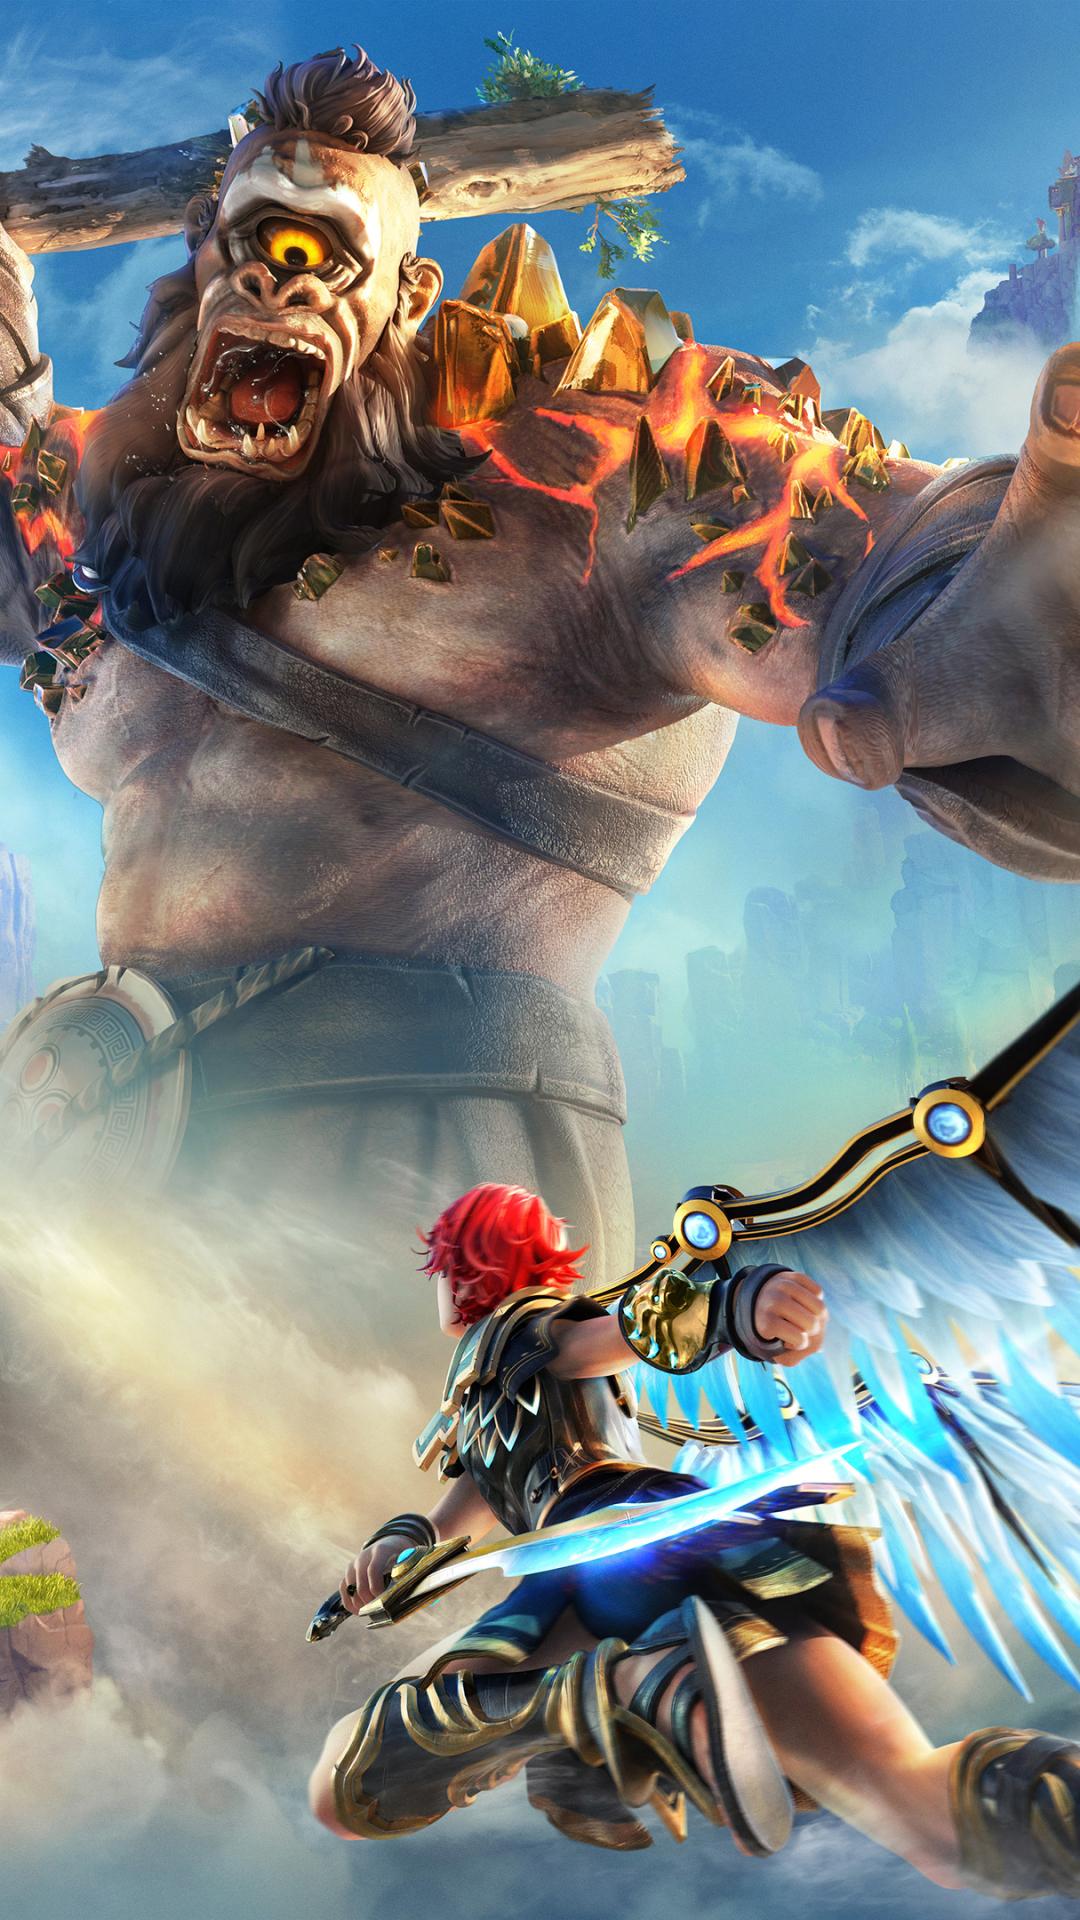 Immortals Fenyx Rising (1080x1920) Mobile Wallpaper